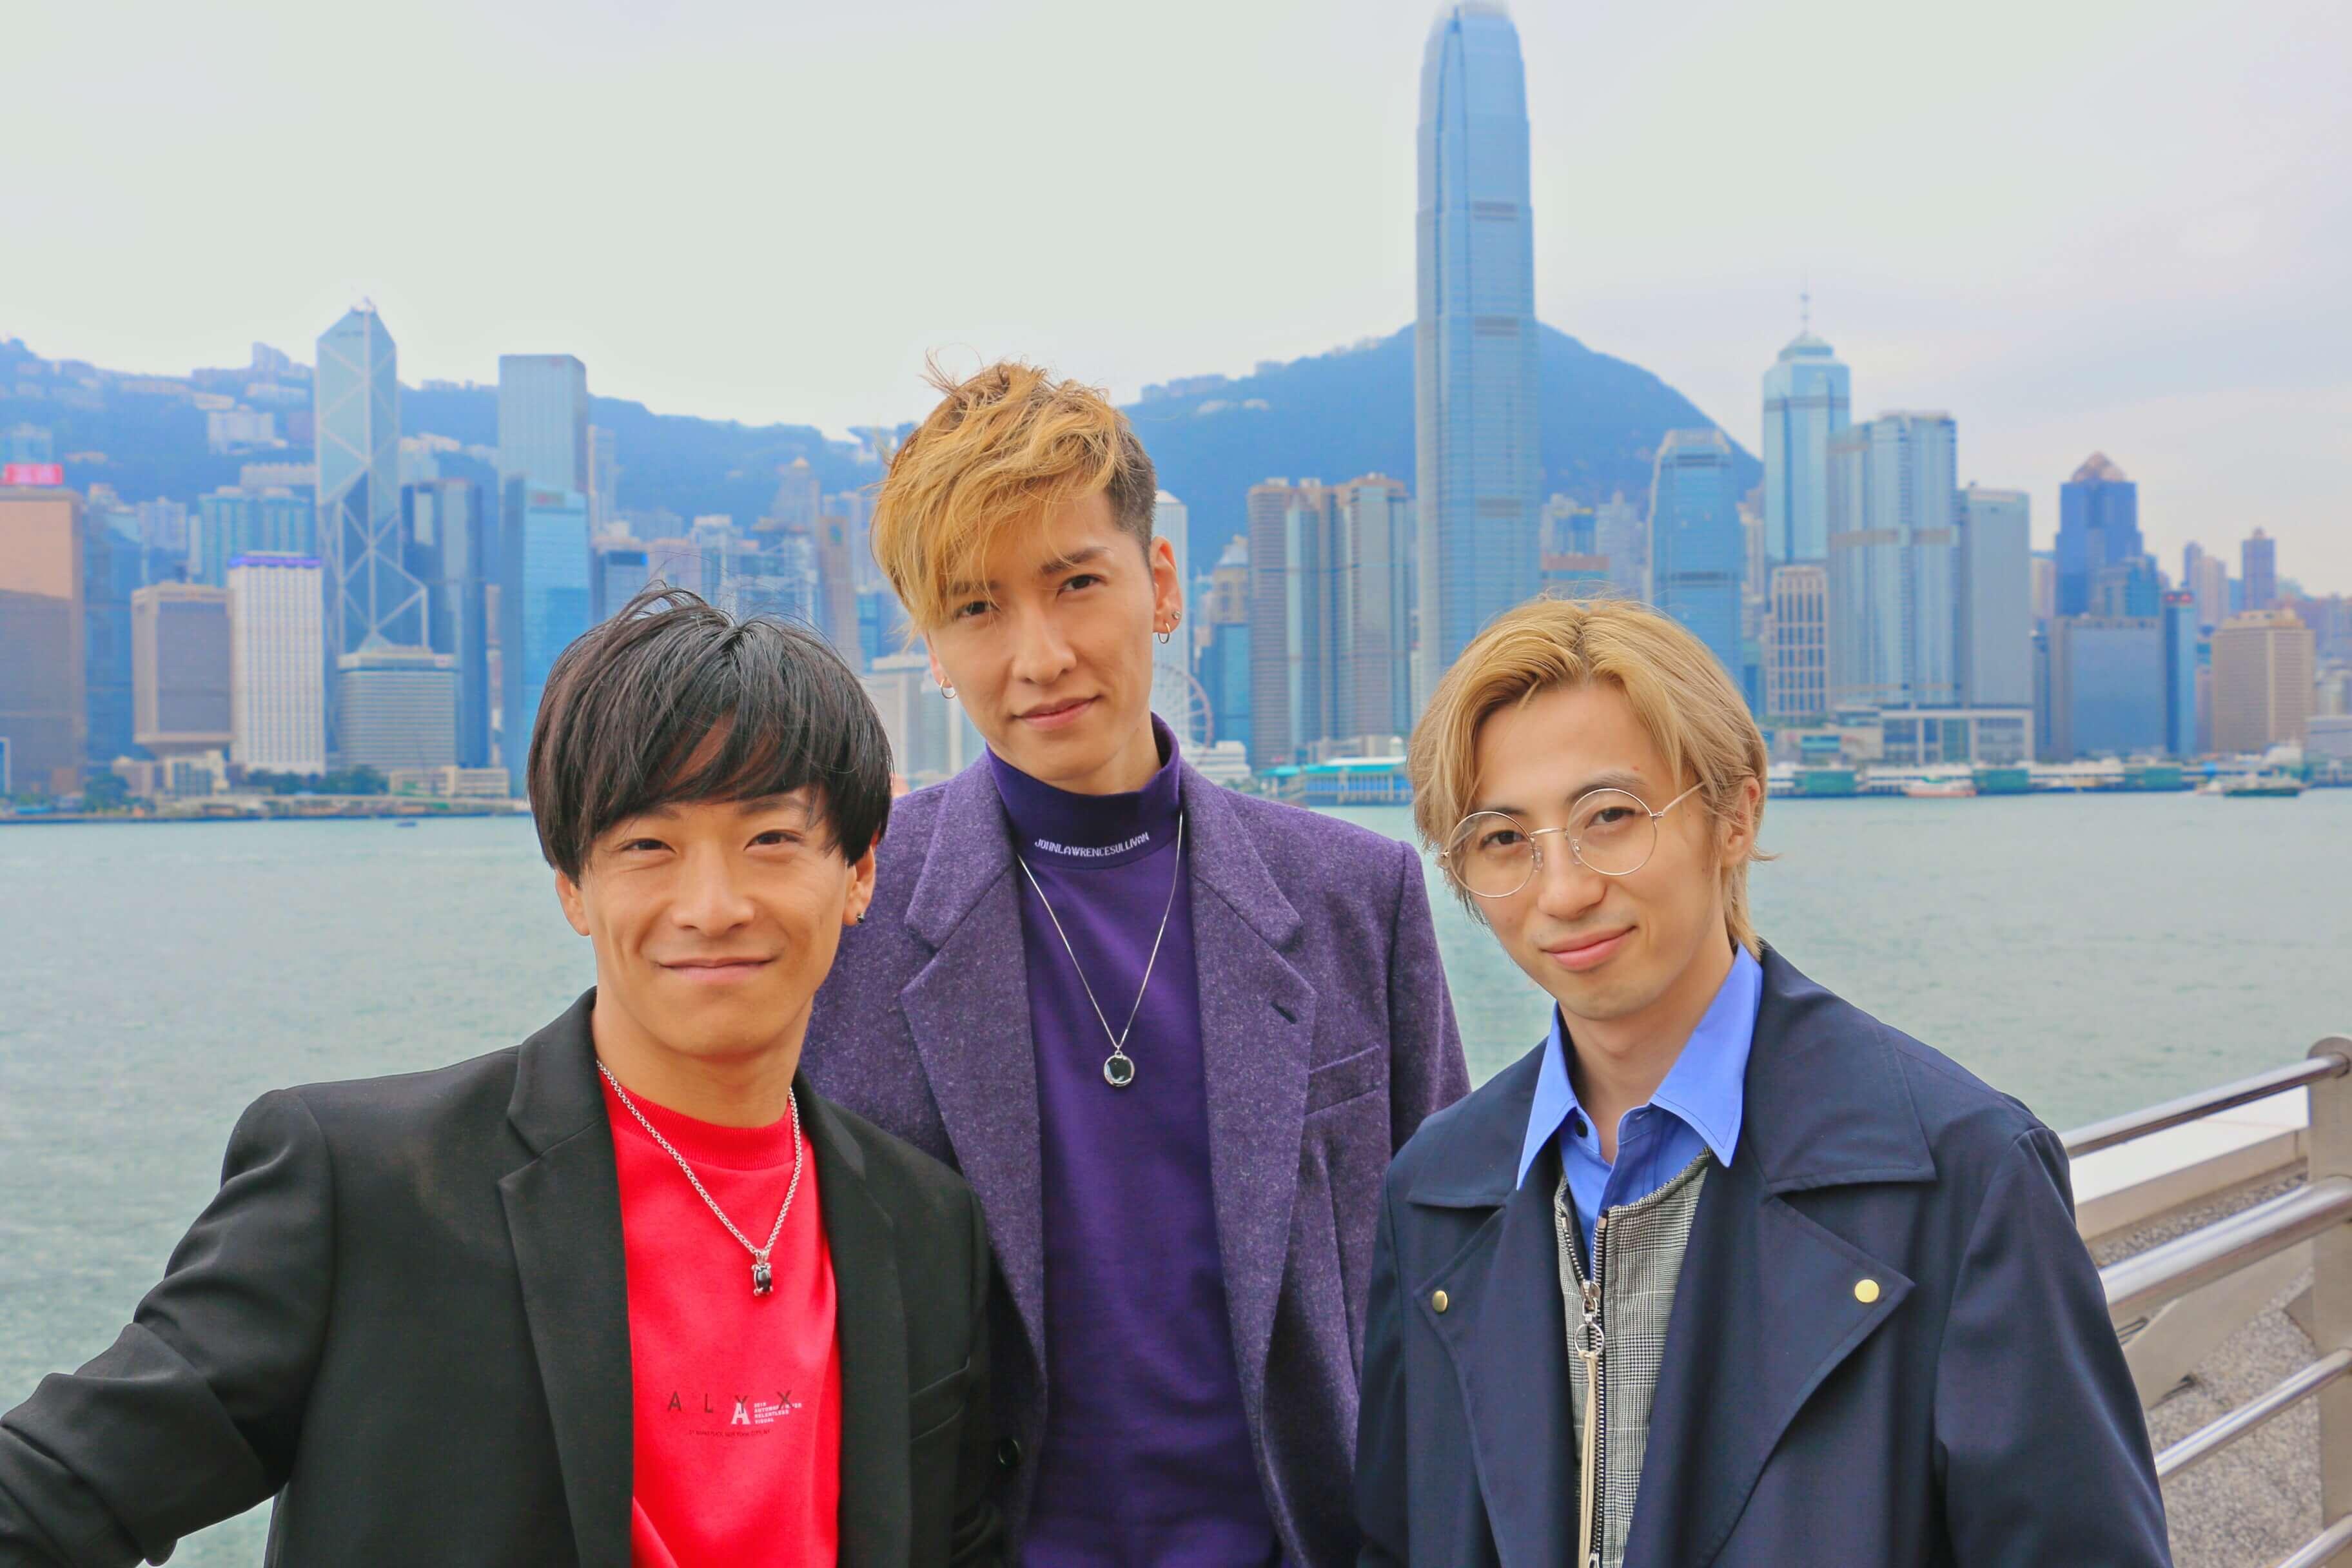 w-inds. 第10次的香港公演大成功!本週發售的DVD/Blu-ray2首歌曲影像公開 w_inds、